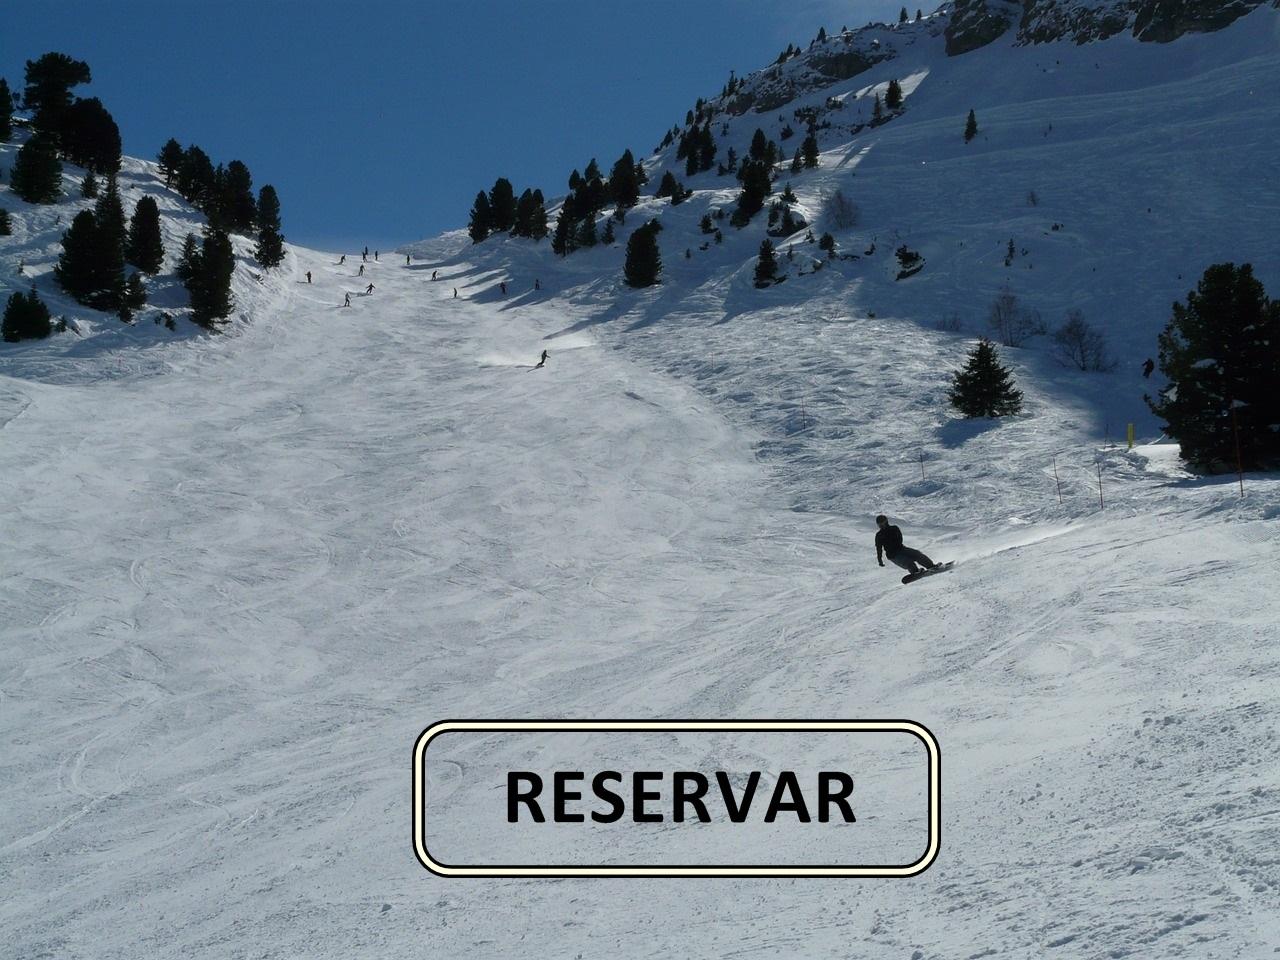 traslado estacion esqui reservar